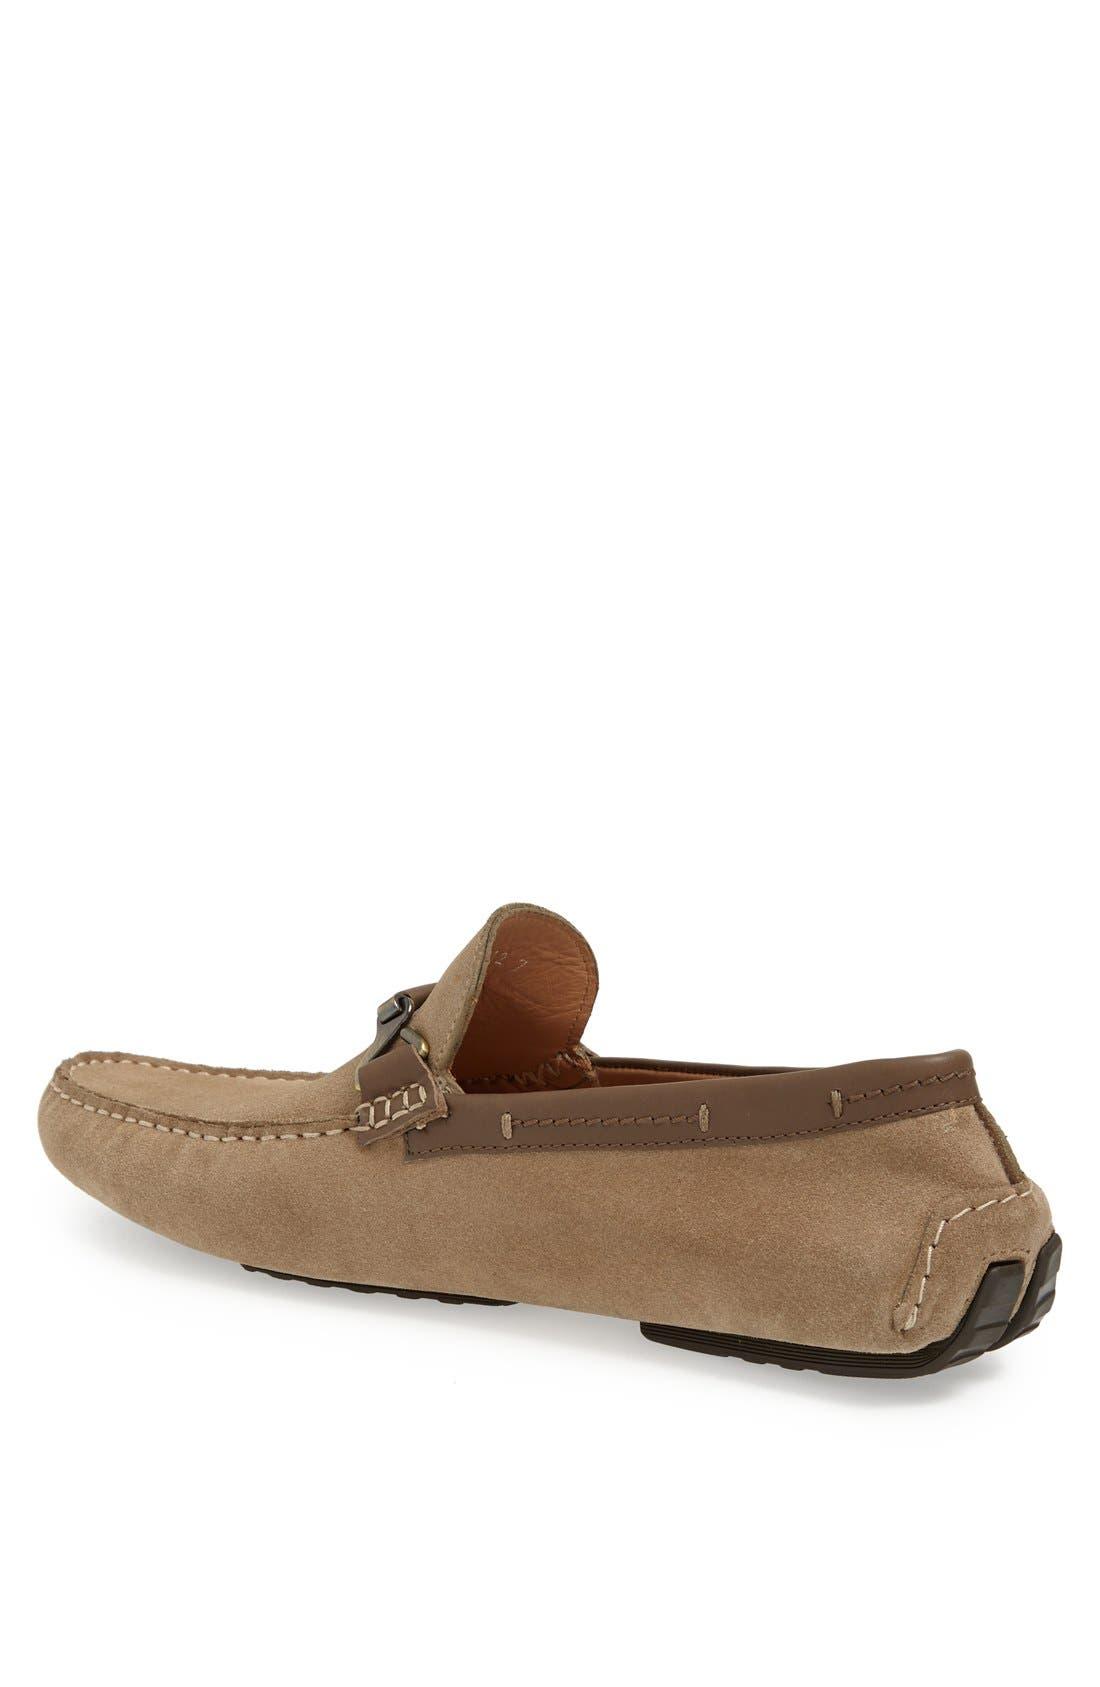 Alternate Image 2  - BOSS HUGO BOSS 'Drenno' Driving Shoe (Men)